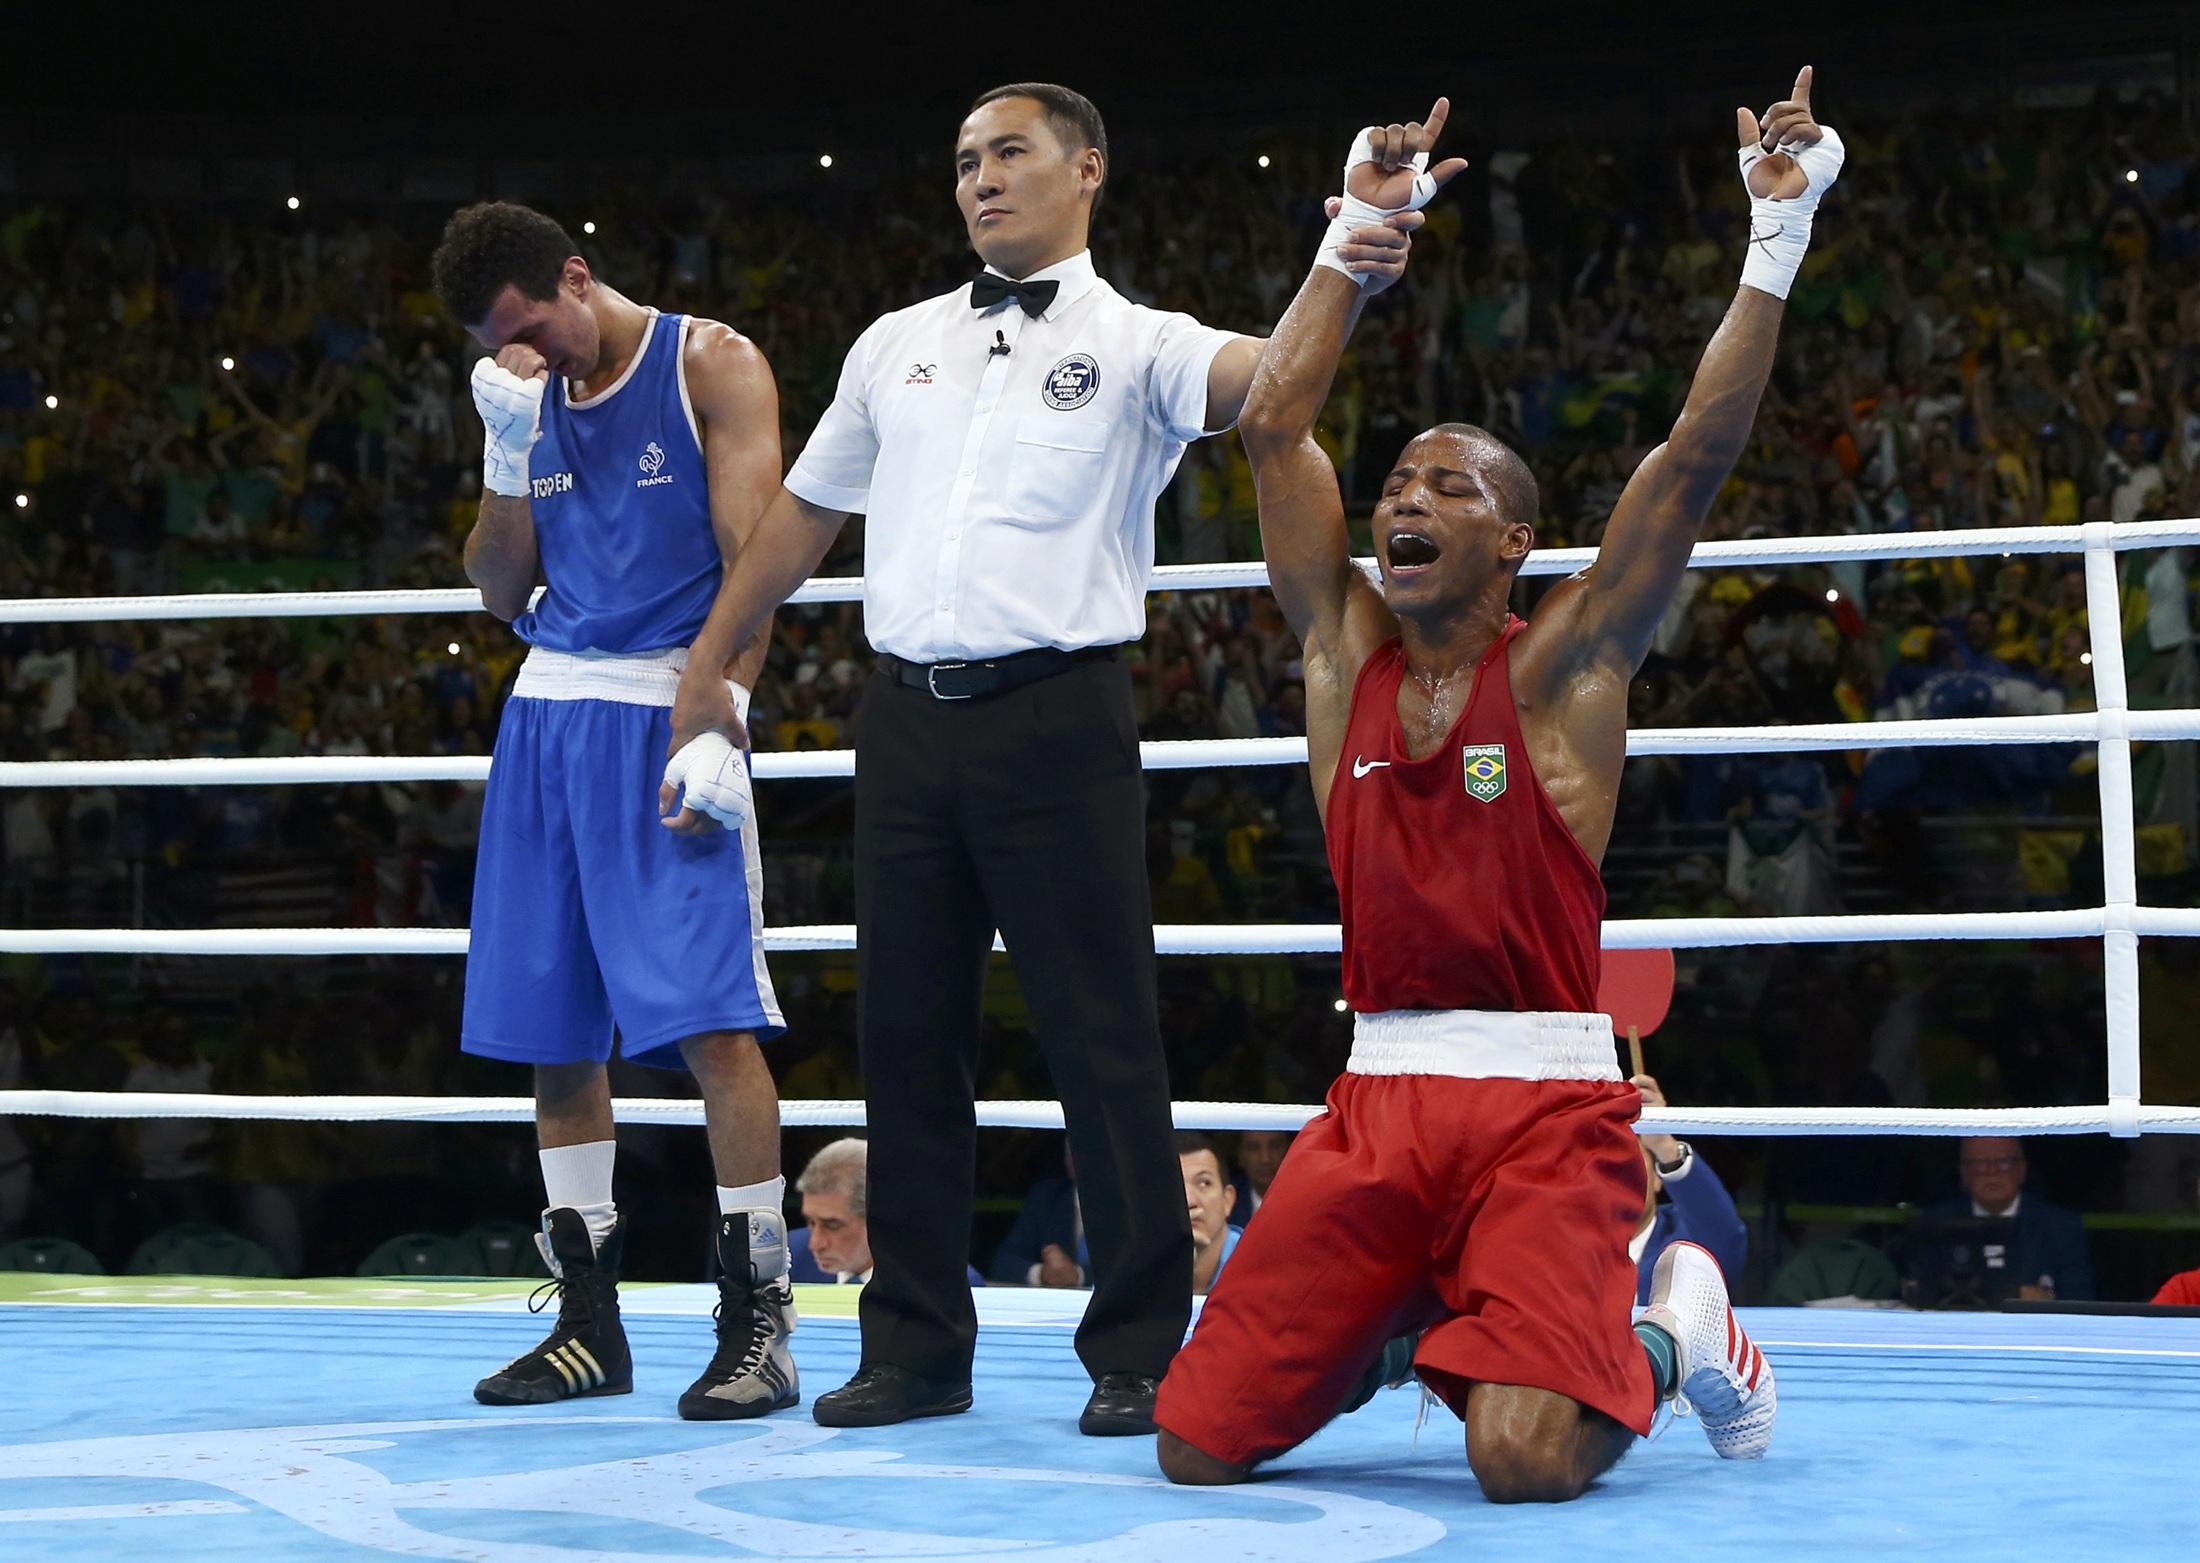 Ouro inédito! Robson Conceição bate francês e leva título histórico no boxe 375c3047a5eba